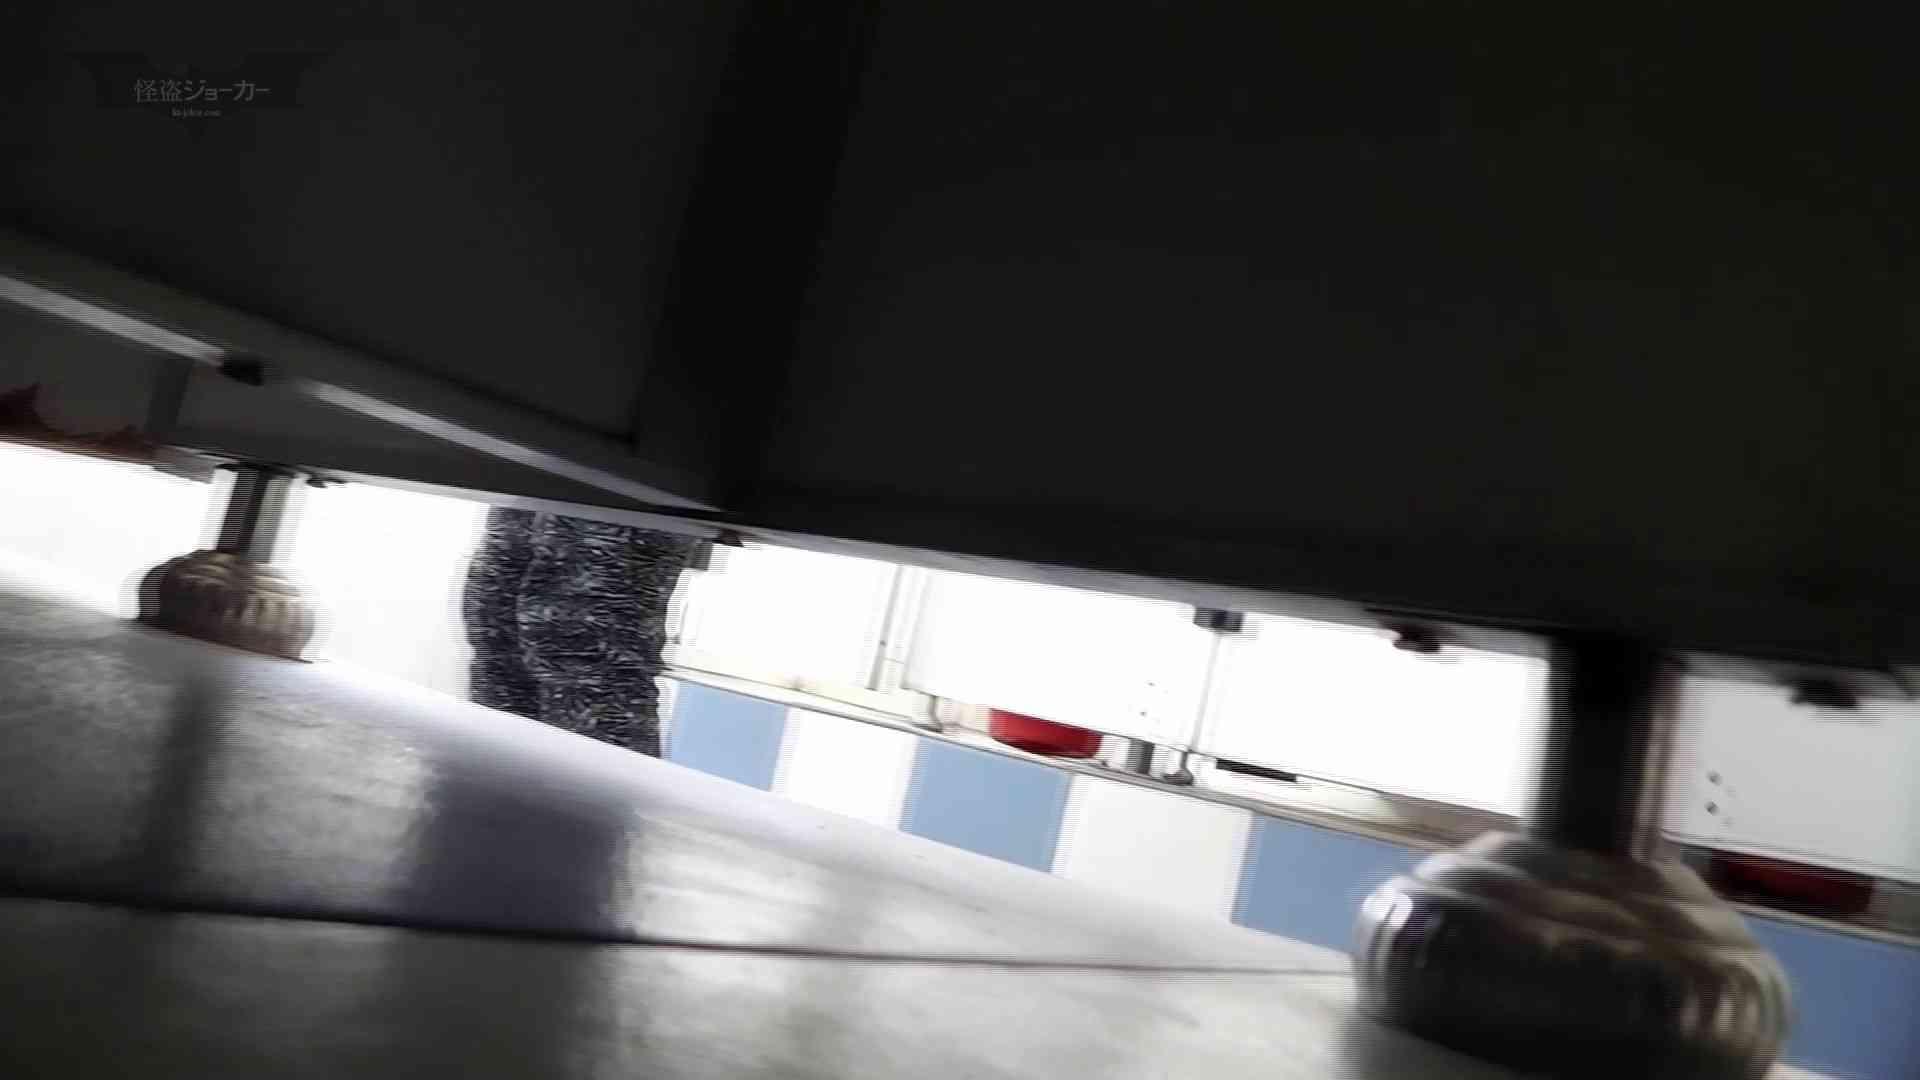 下からノゾム vol.031 扉を壊しみたら、漏れそうな子が閉じずに入ってくれた 色っぽいOL達 | 0  78pic 19